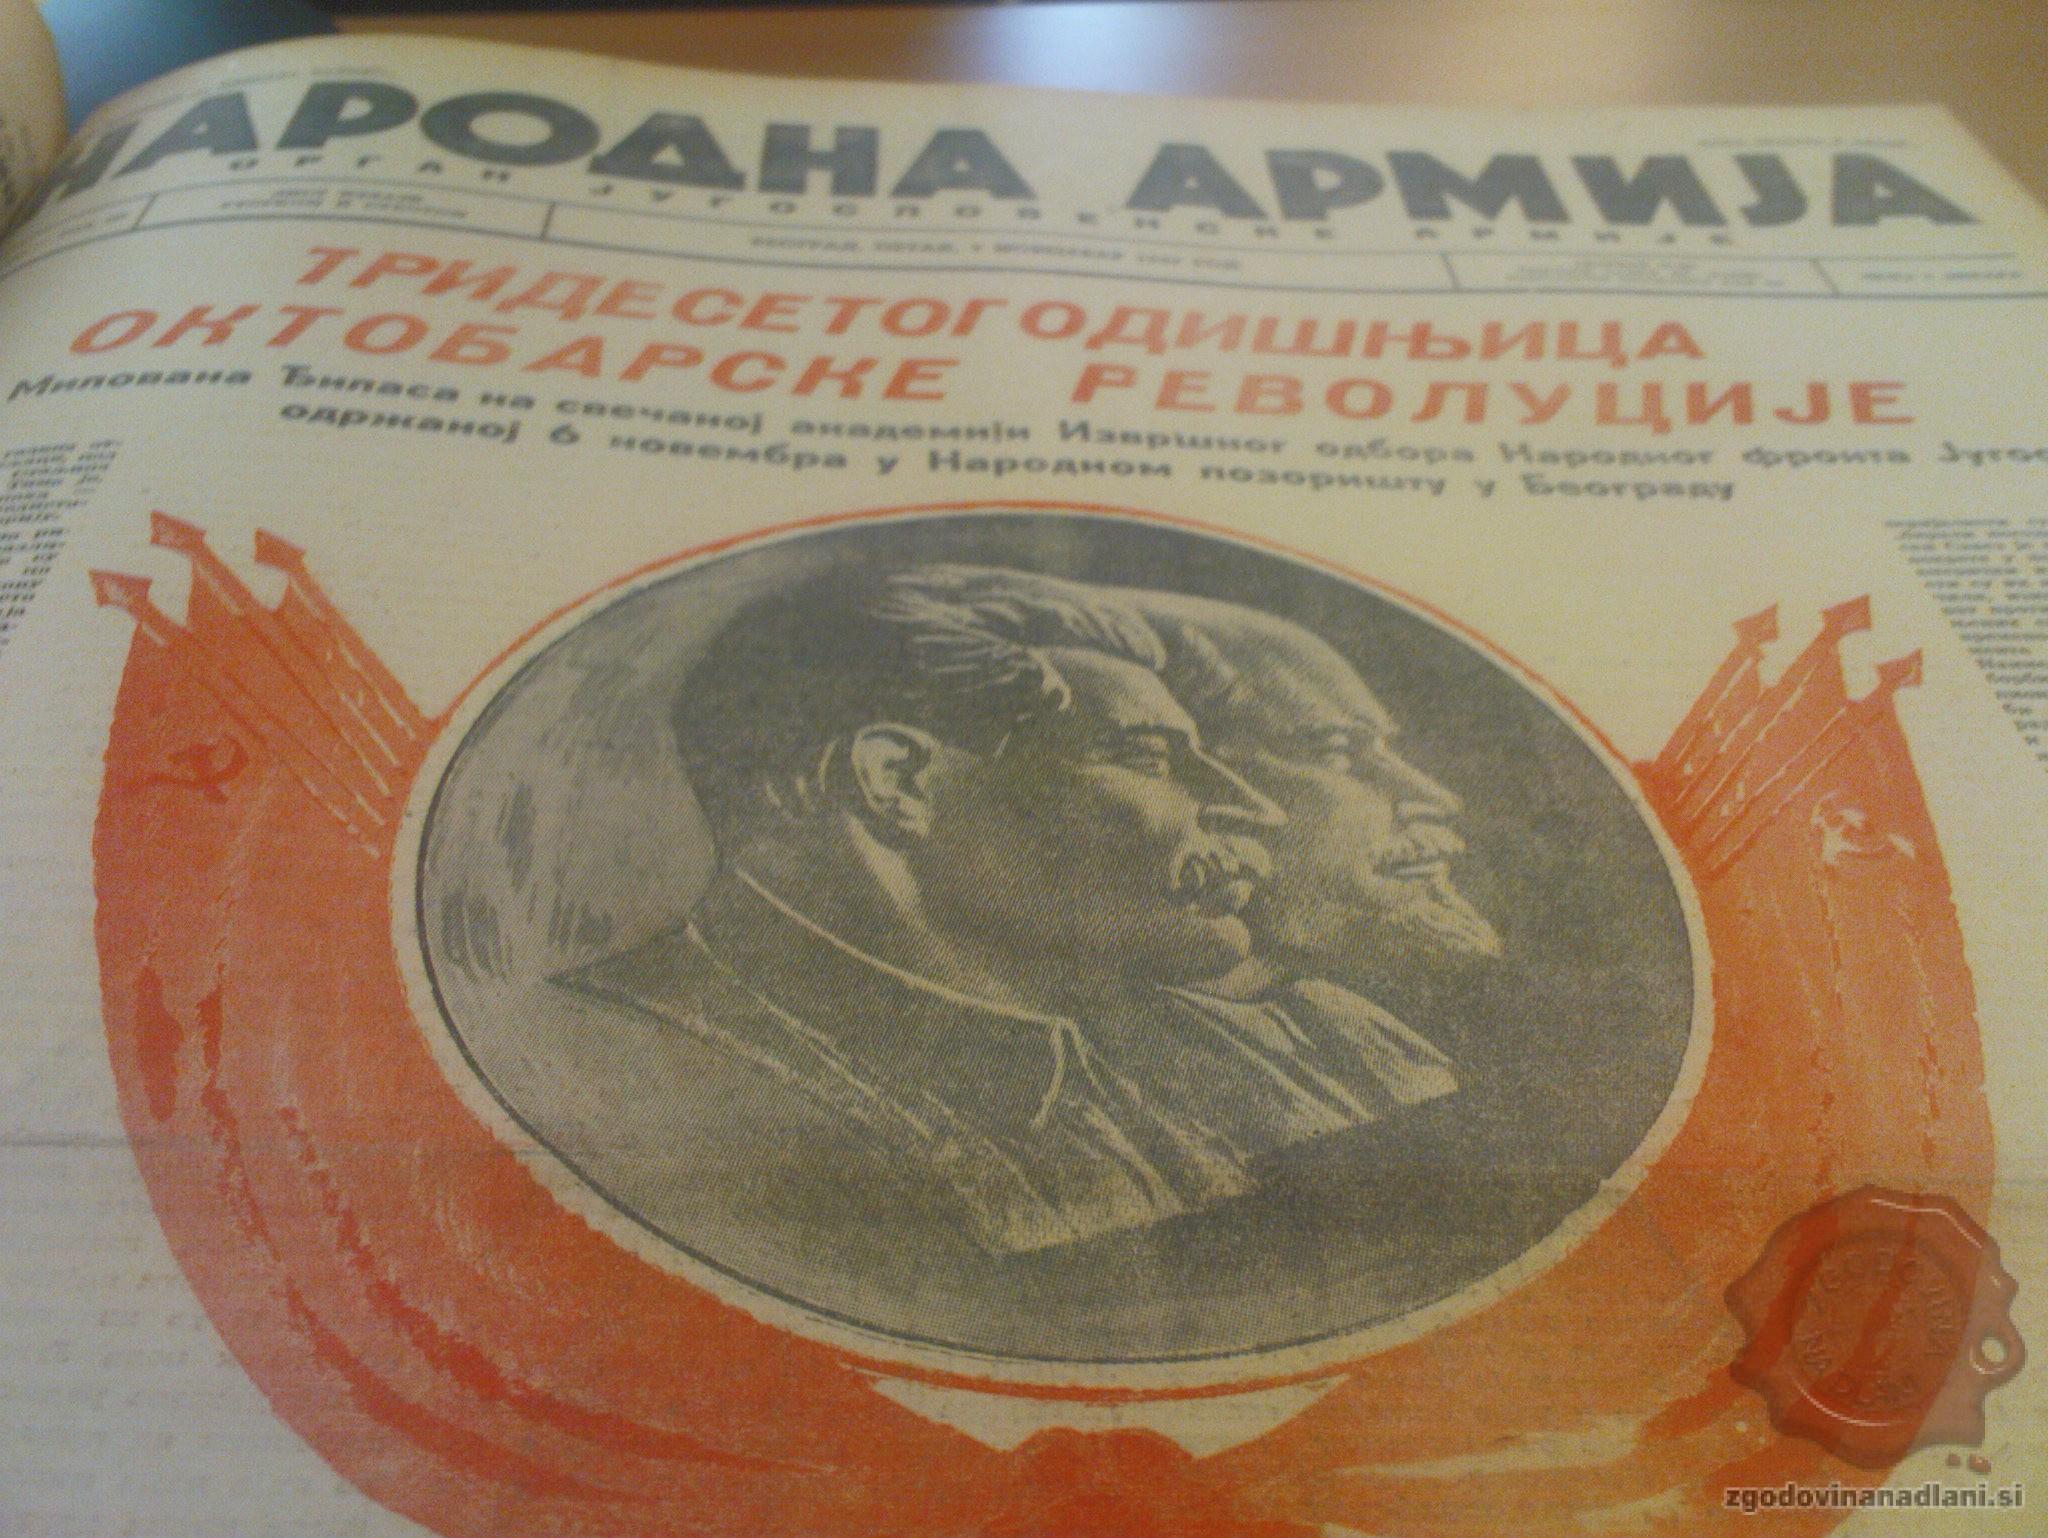 časopis narodna armija